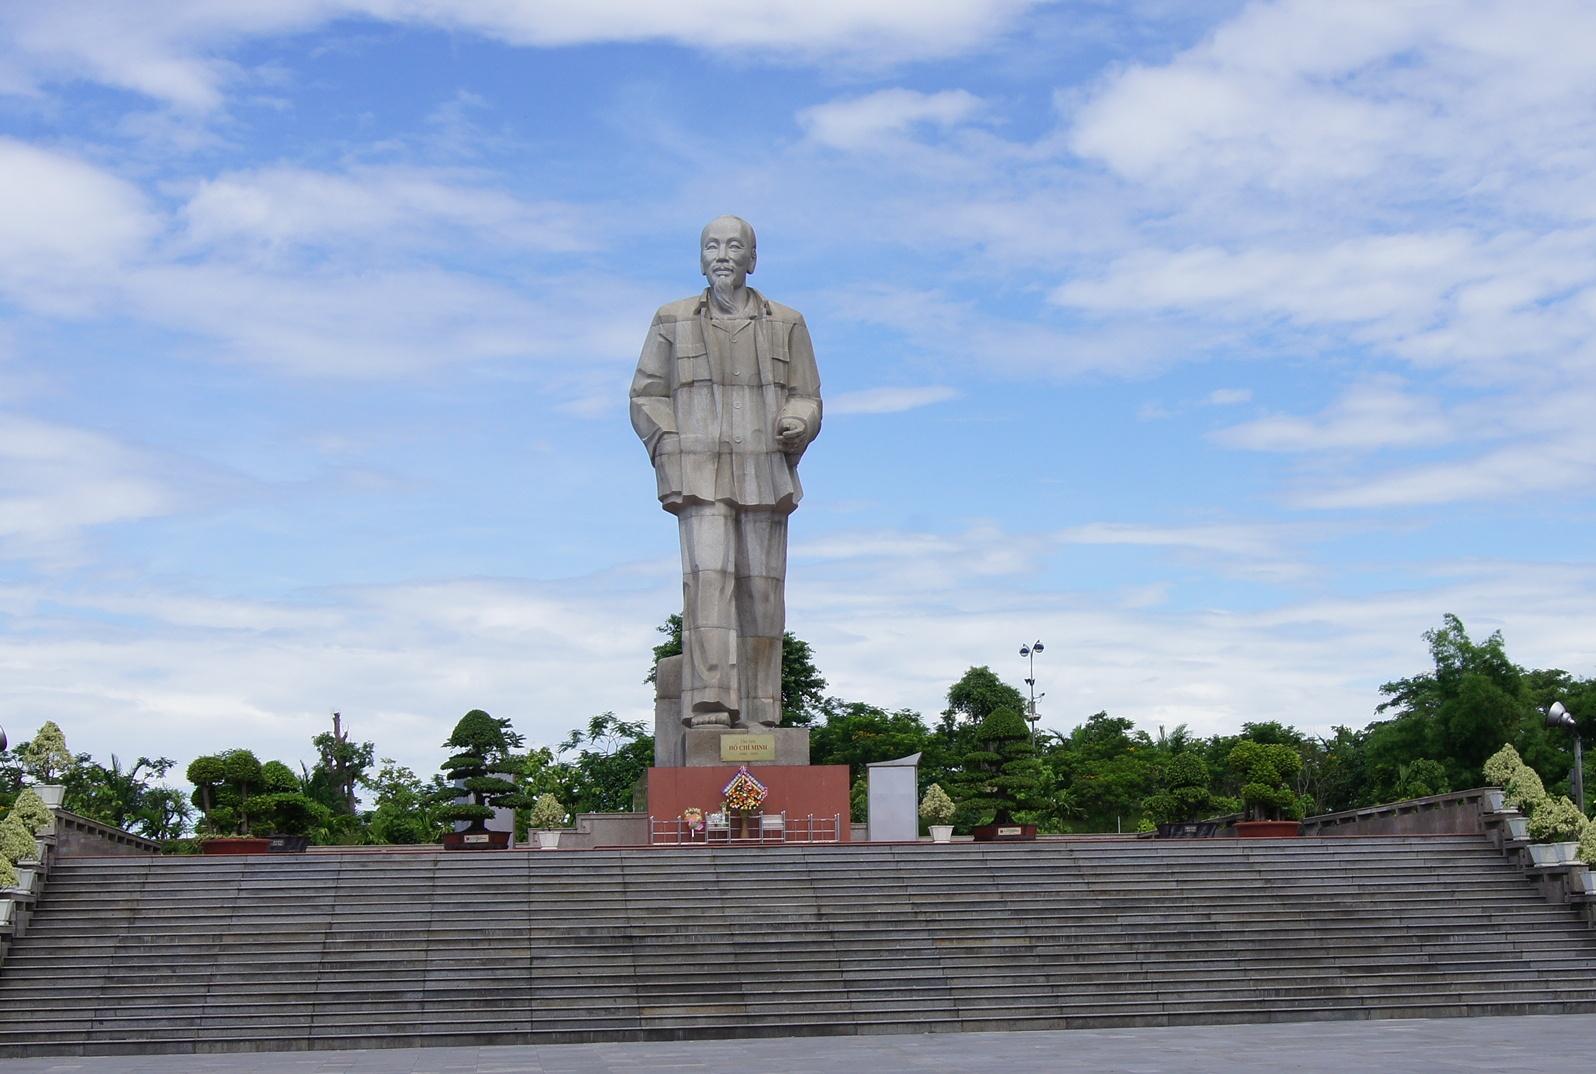 Bán nhớt Liqui Moly giá rẻ tại Nghệ An